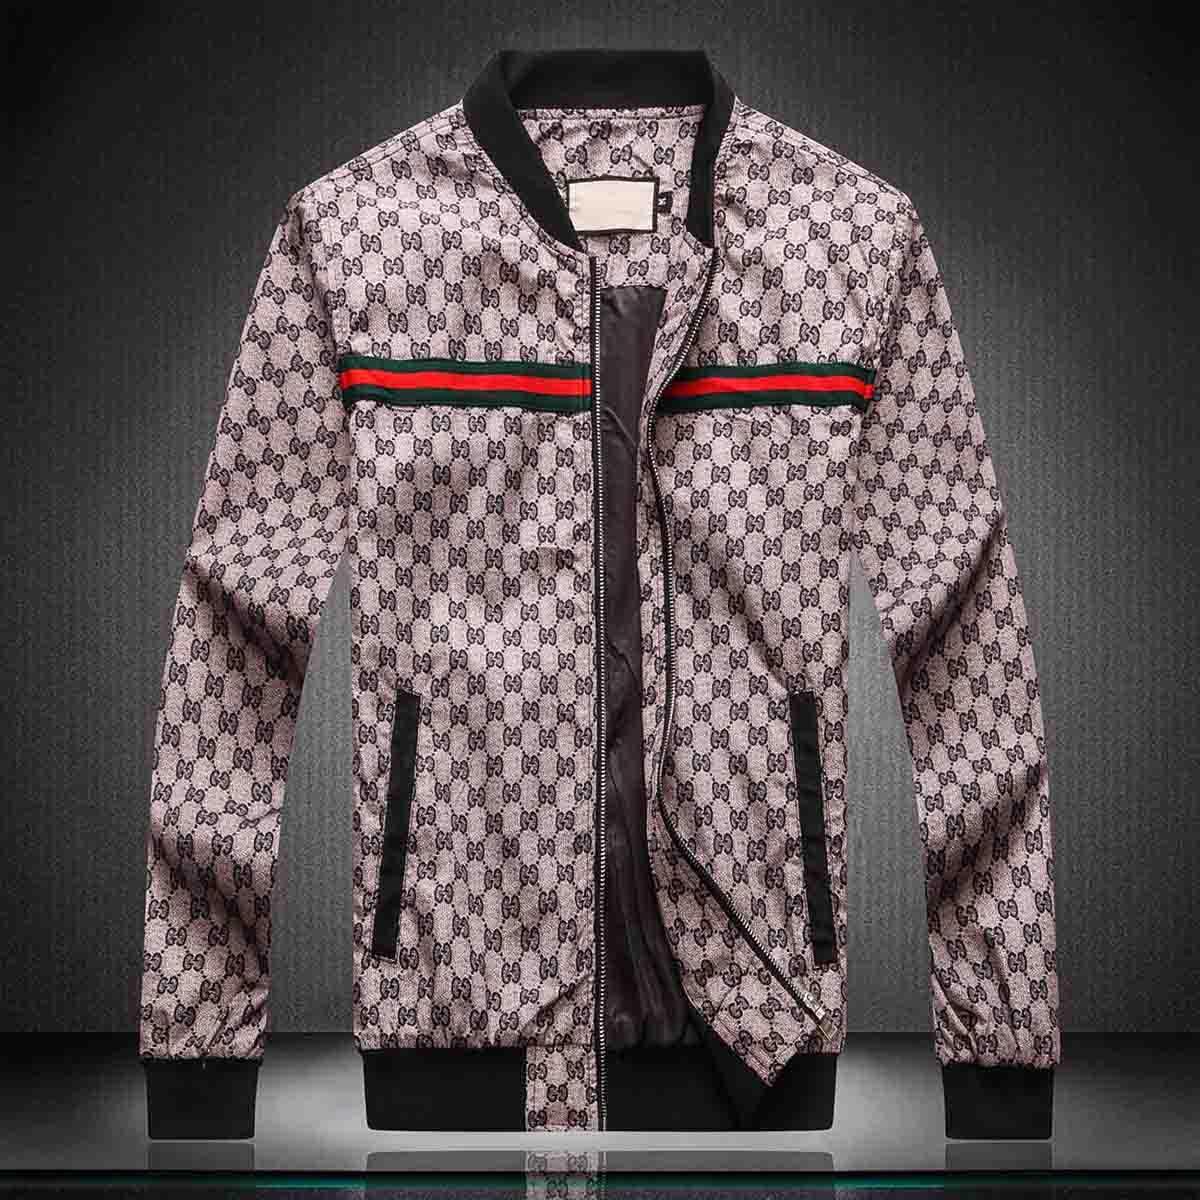 Nuevos hombres otoño e invierno ropa deportiva chaqueta de diseñador de la chaqueta de deportes de la moda chaqueta de sudadera